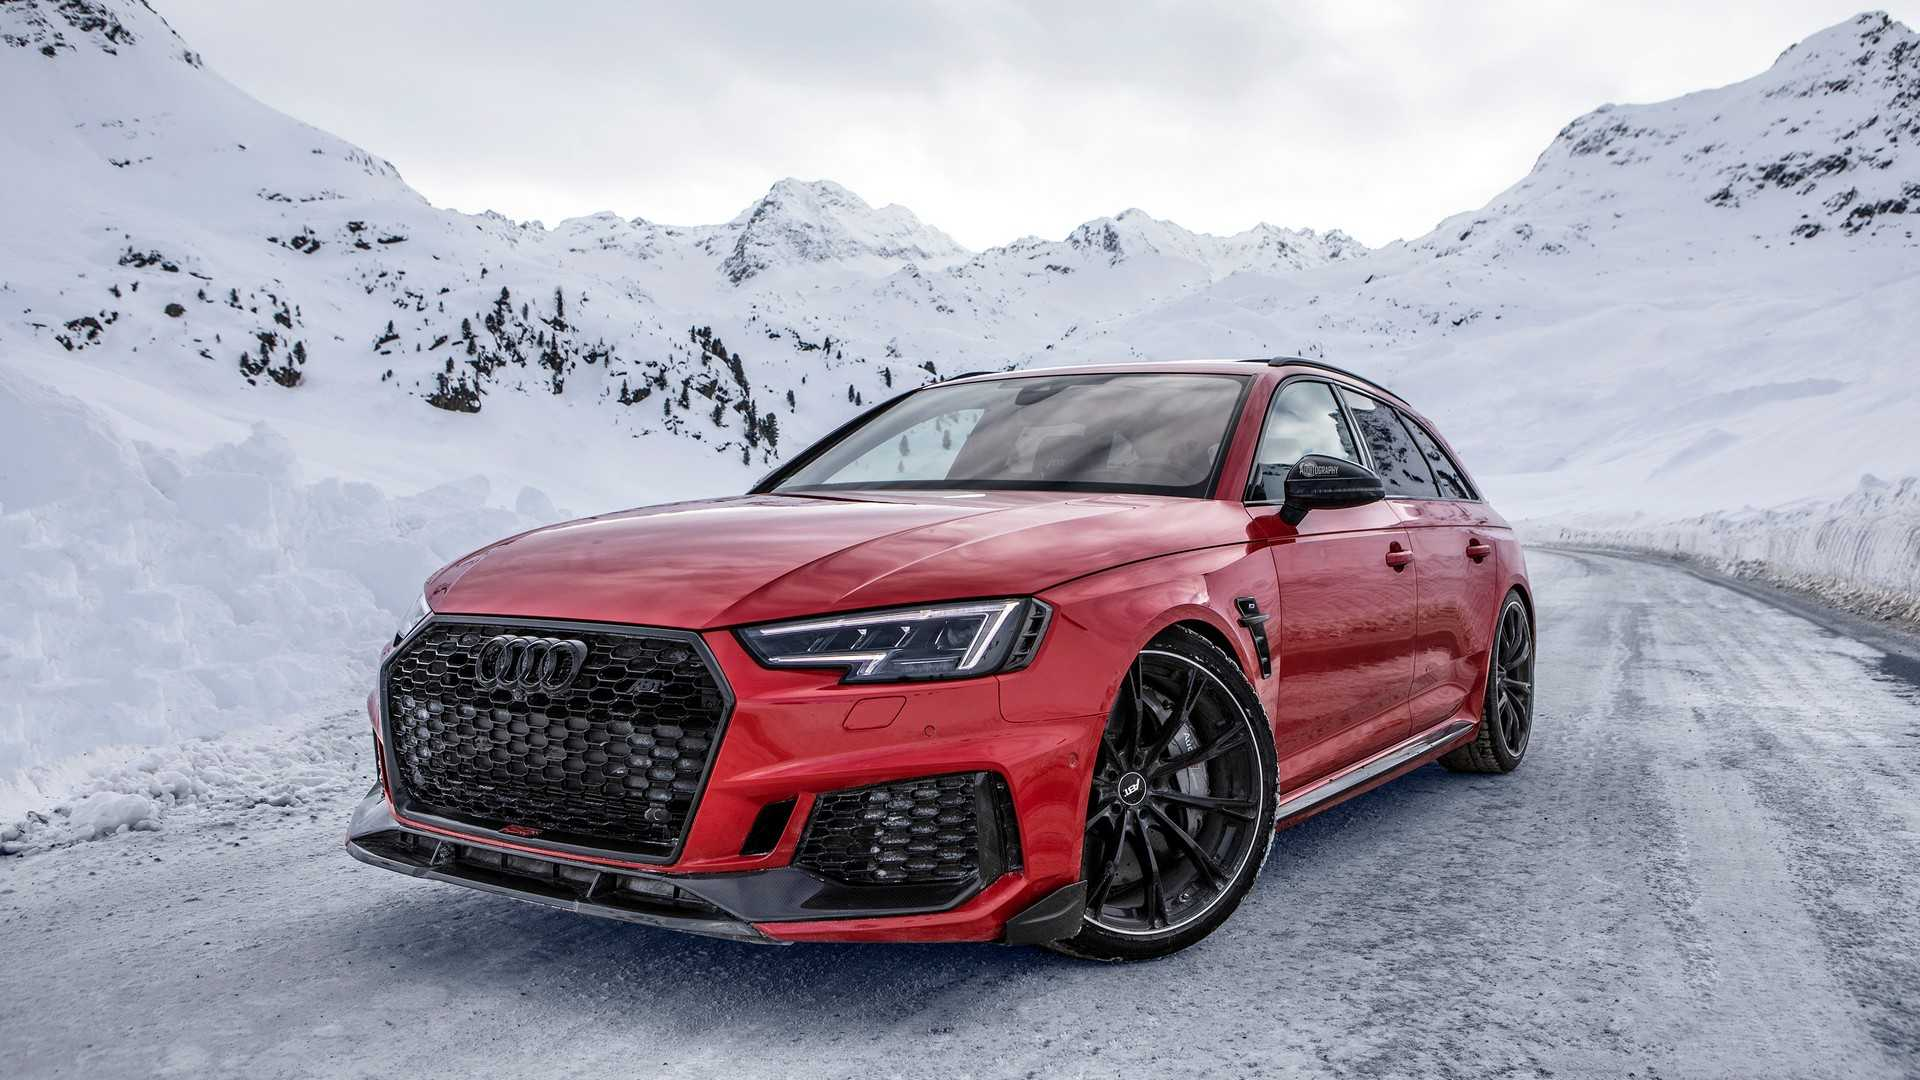 Мастерская ABT Sportsline опубликовала фото и видео с тюнингованным Audi RS4+ Avant на «прогулке» в заснеженных Альпах